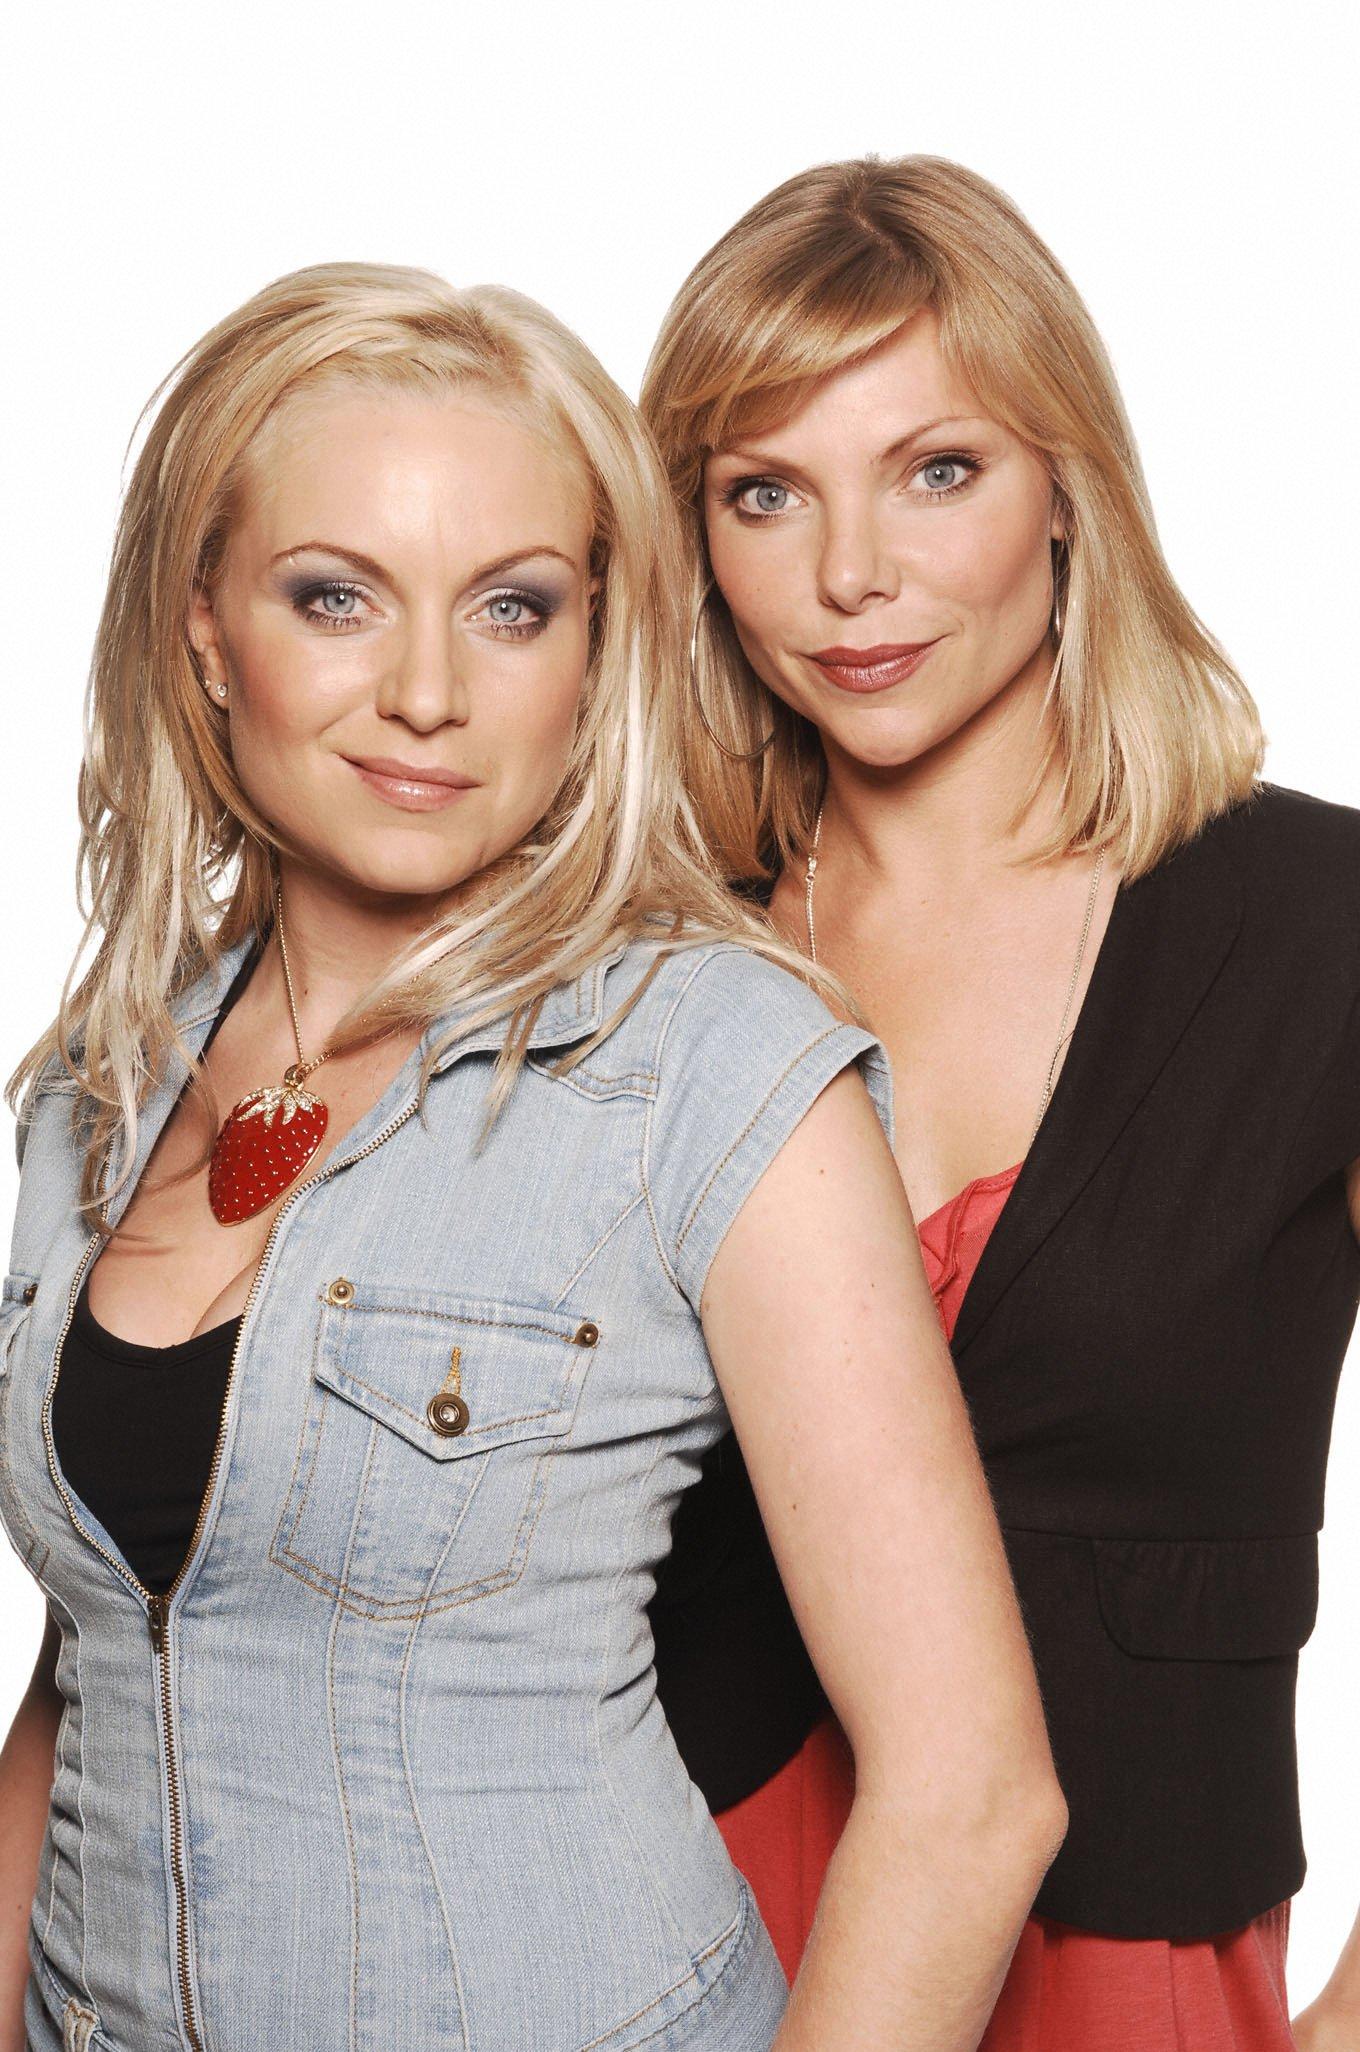 'Sam is phenomenal in new storyline,' says Rita